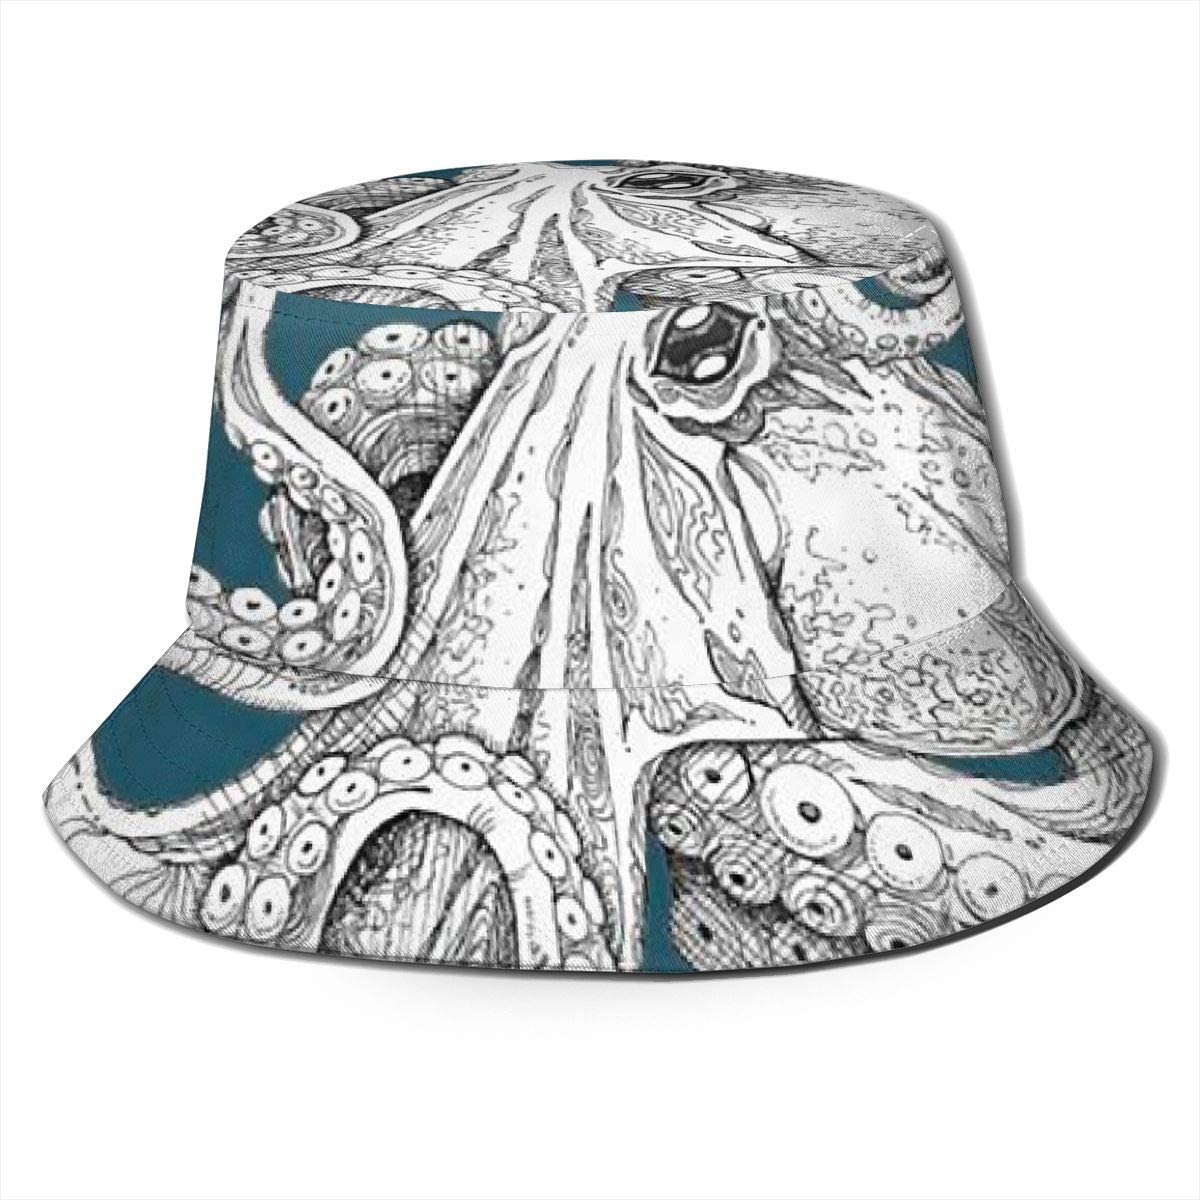 Adjustable Trucker Mesh Cap for Unisex Mens and Womens 100/% Polyester Kraken Octopus Baseball Cap